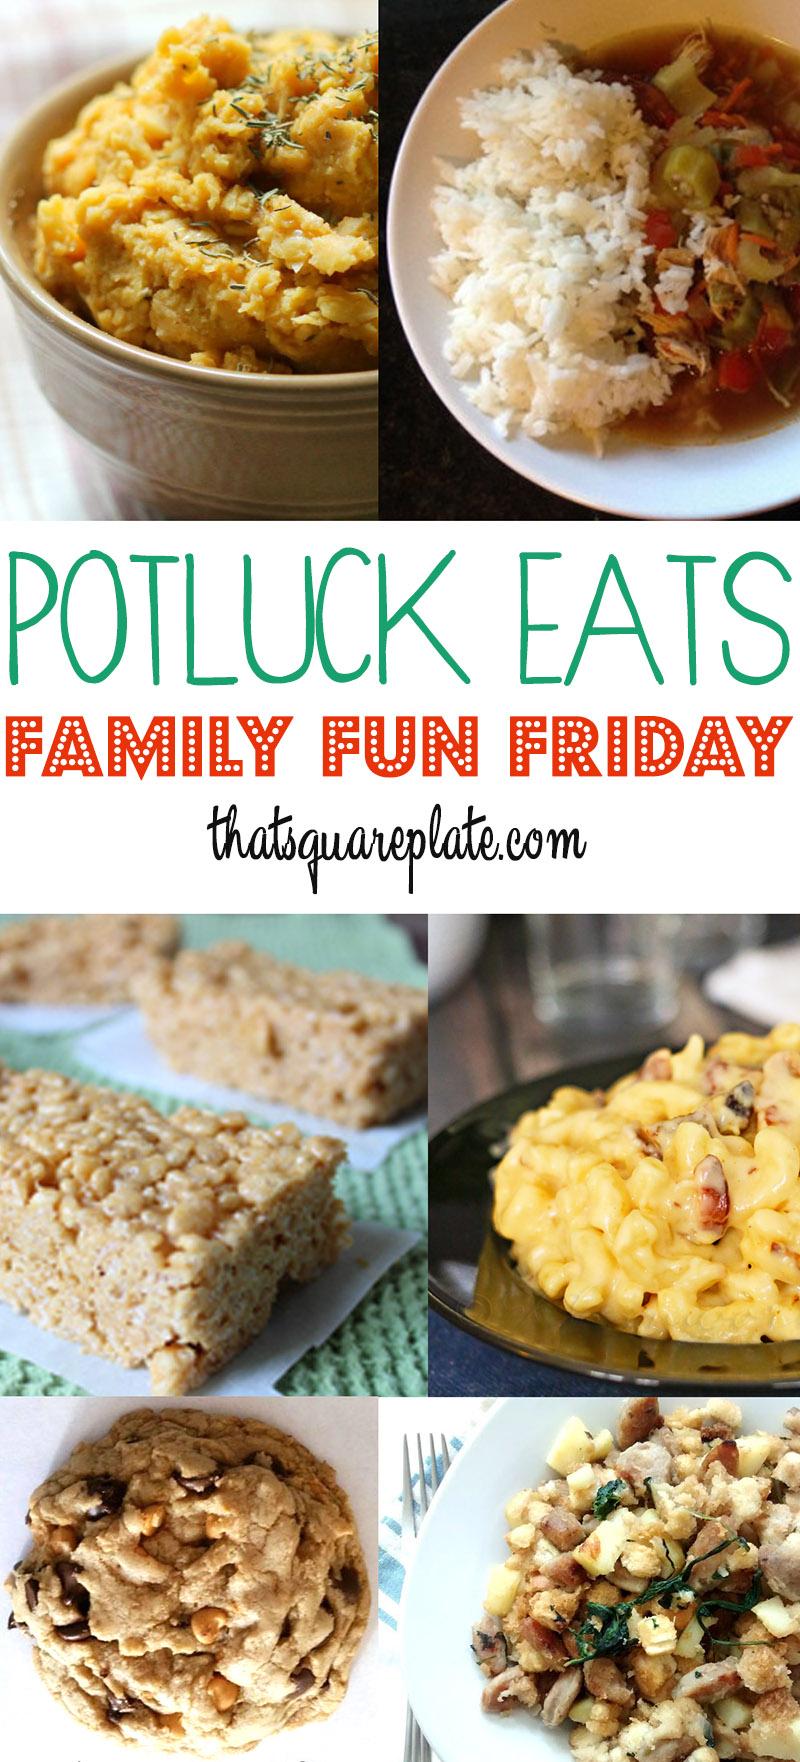 potluck eats